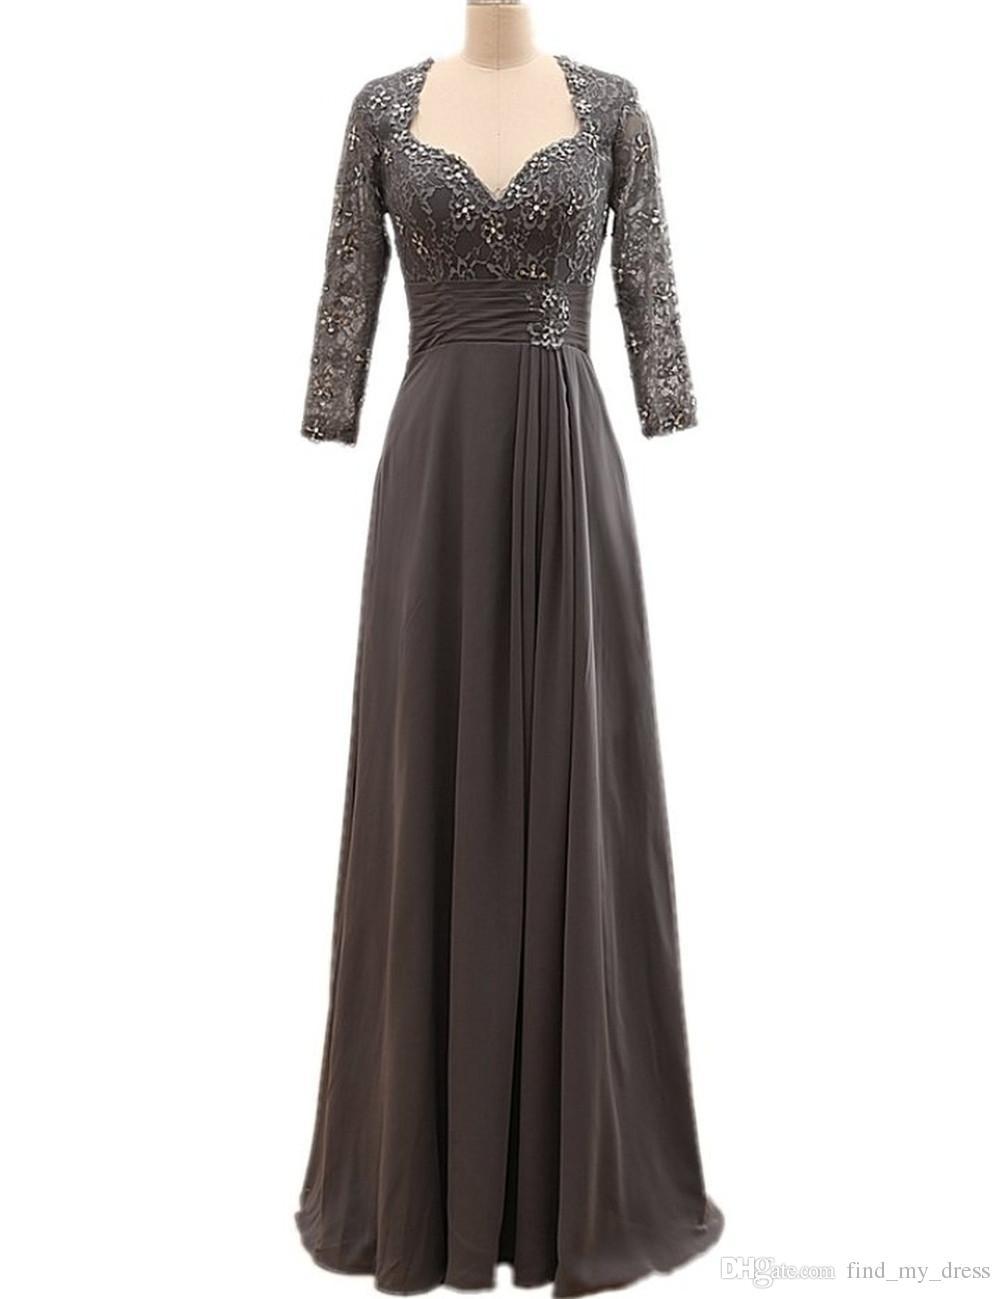 Neueste graue Mutter der Braut Kleid mit Jacke Langarm Perlen Spitze Chiffon bodenlangen Frauen formale Kleider Custom